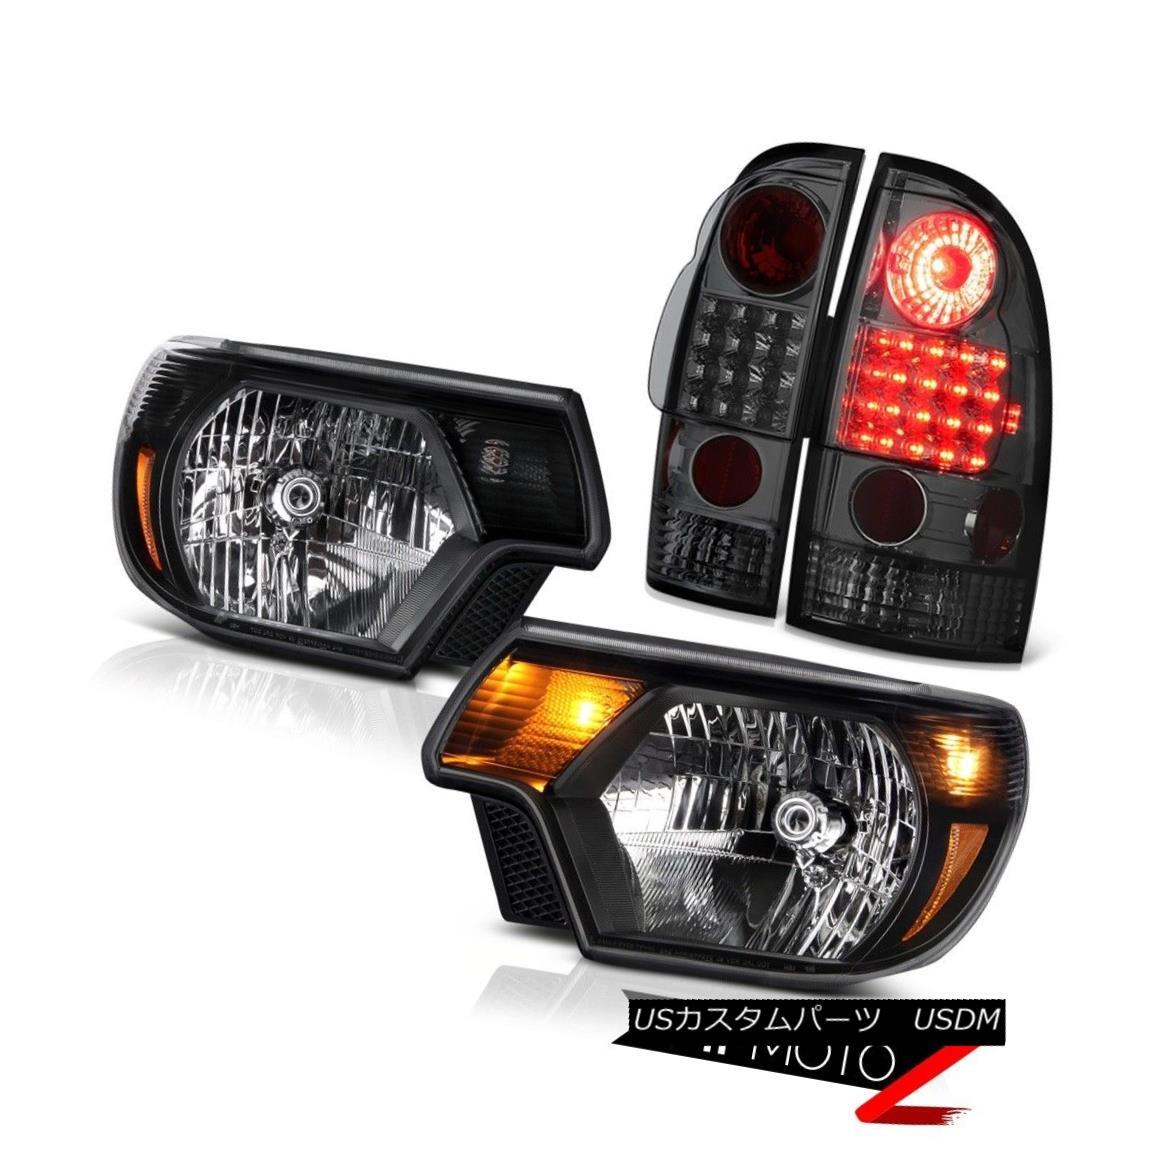 テールライト 12 13 14 15 Toyota Tacoma PreRunner Headlamps smokey taillights SMD Replacement 12 13 14 15トヨタタコマPreRunnerヘッドランプスモーキーテールライトSMDの交換